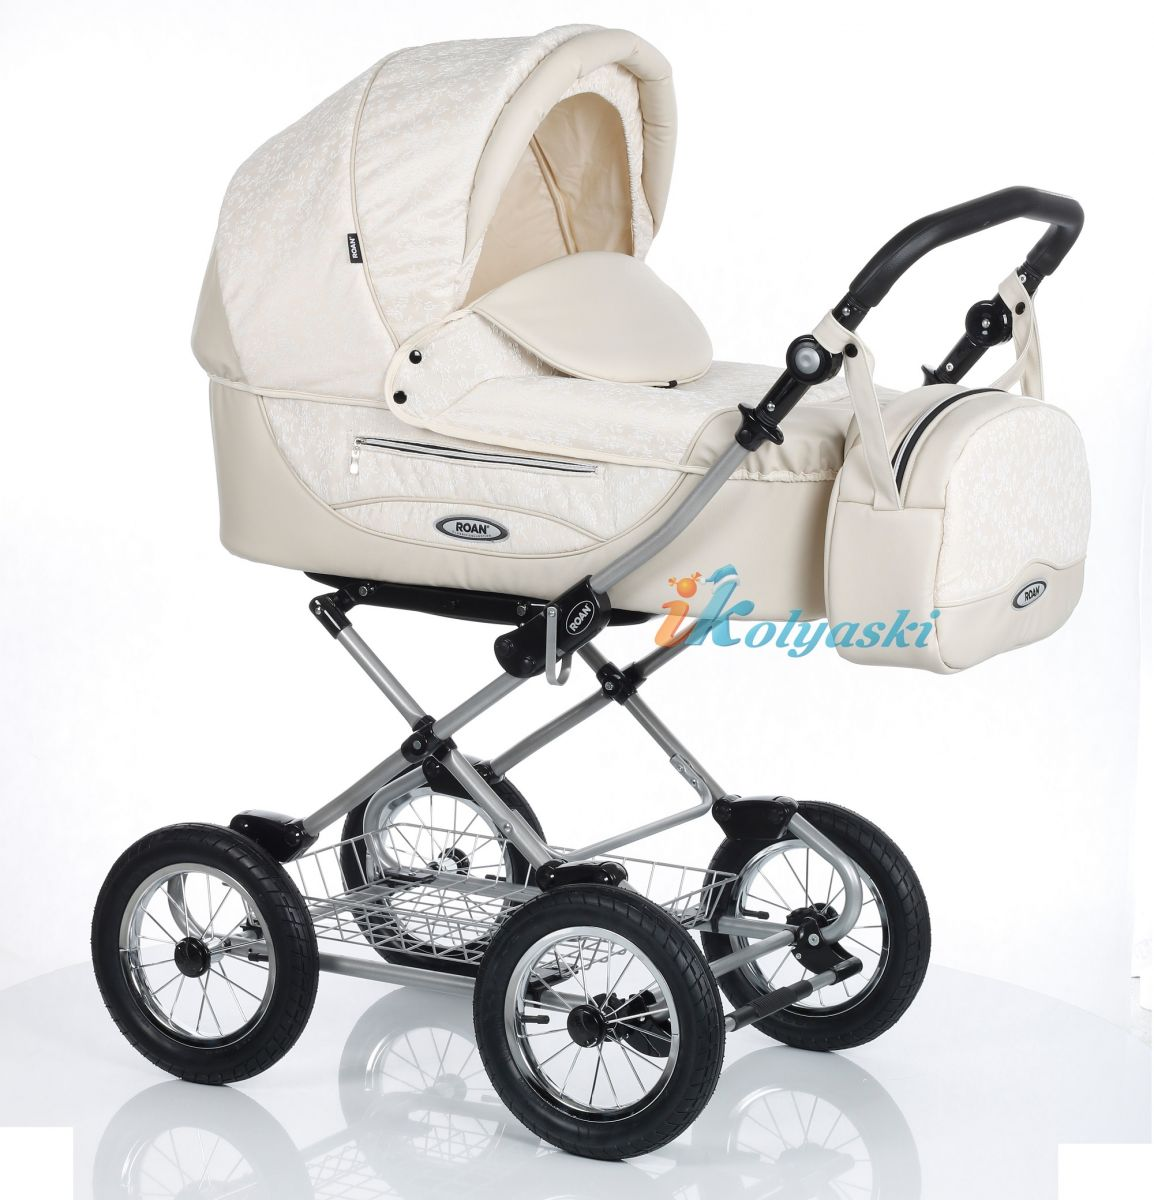 Детская коляска Roan Kortina Luxe Роан Кортина люкс 2018 спальная люлька 3 в 1 , коляска для новорожденных, коляска зима-лето.  roan kortina, roan cortina, Детская коляска Roan Kortina Luxe, коляска Роан Кортина люкс 2018, коляска спальная, коляска  люлька, коляска 3 в 1, коляска для новорожденных, роан кортина, коляска роан кортина, коляска roan cortina, цвет S-56